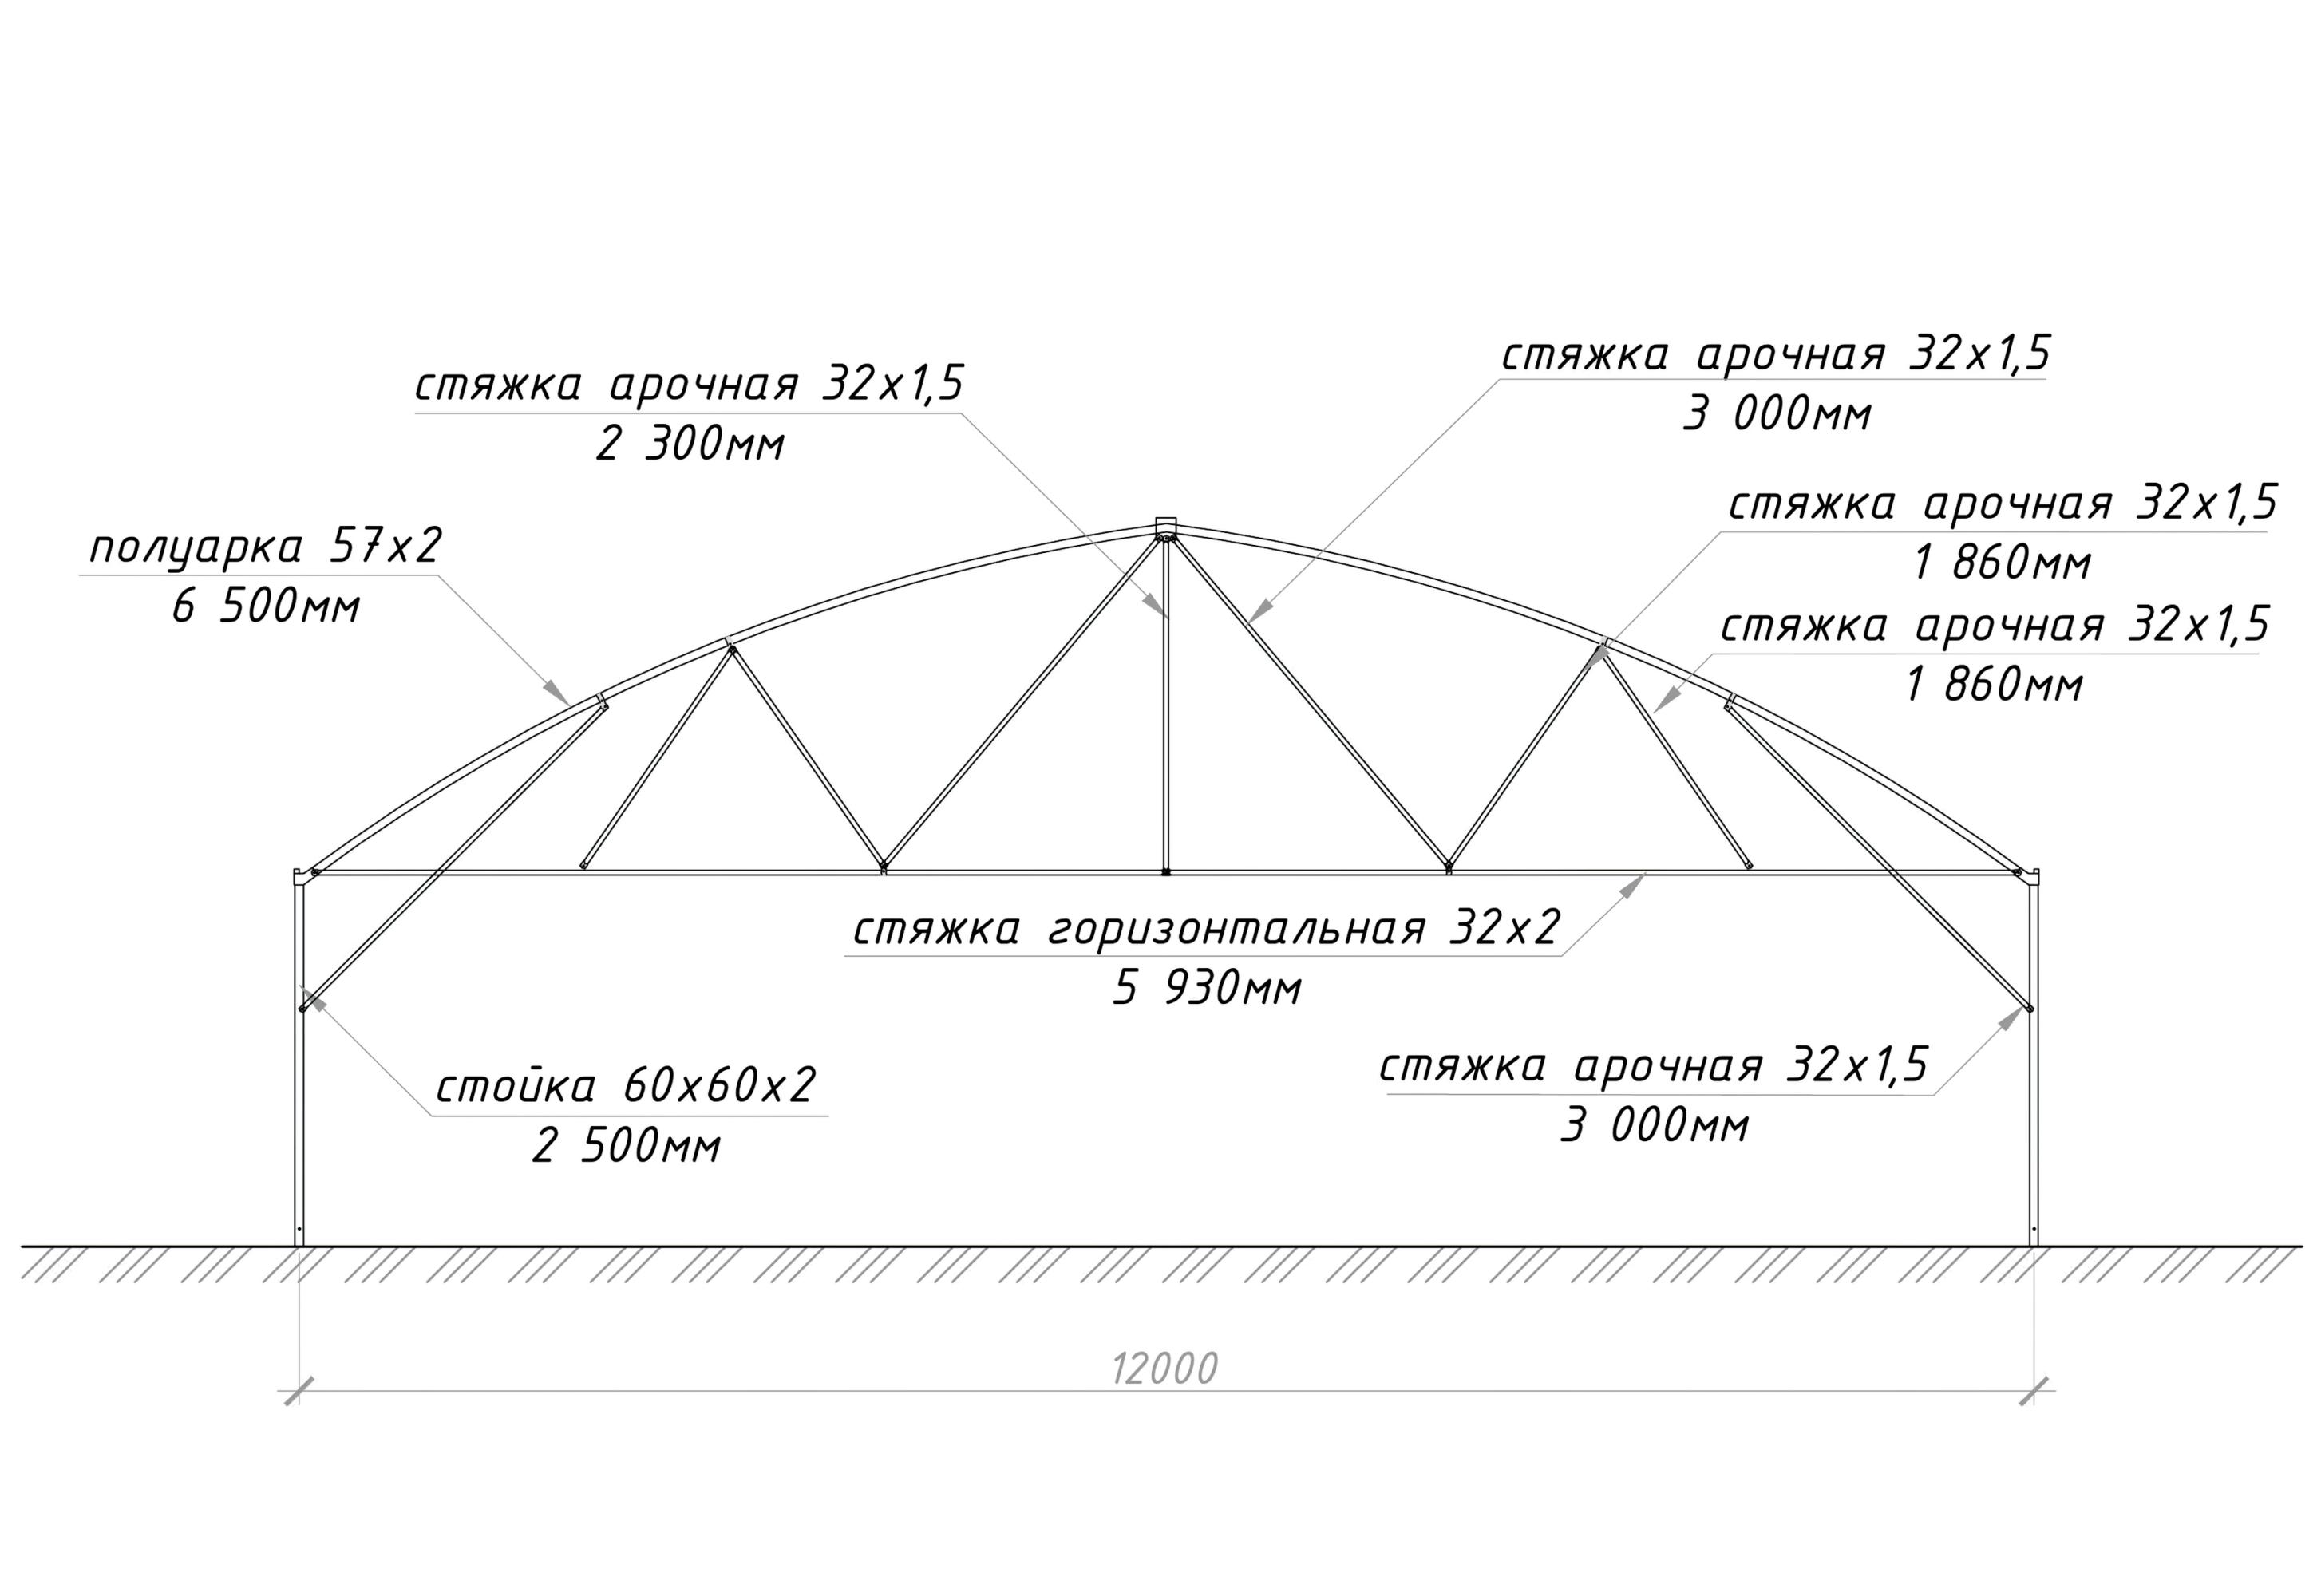 Теплица с прямой стенкой 12м